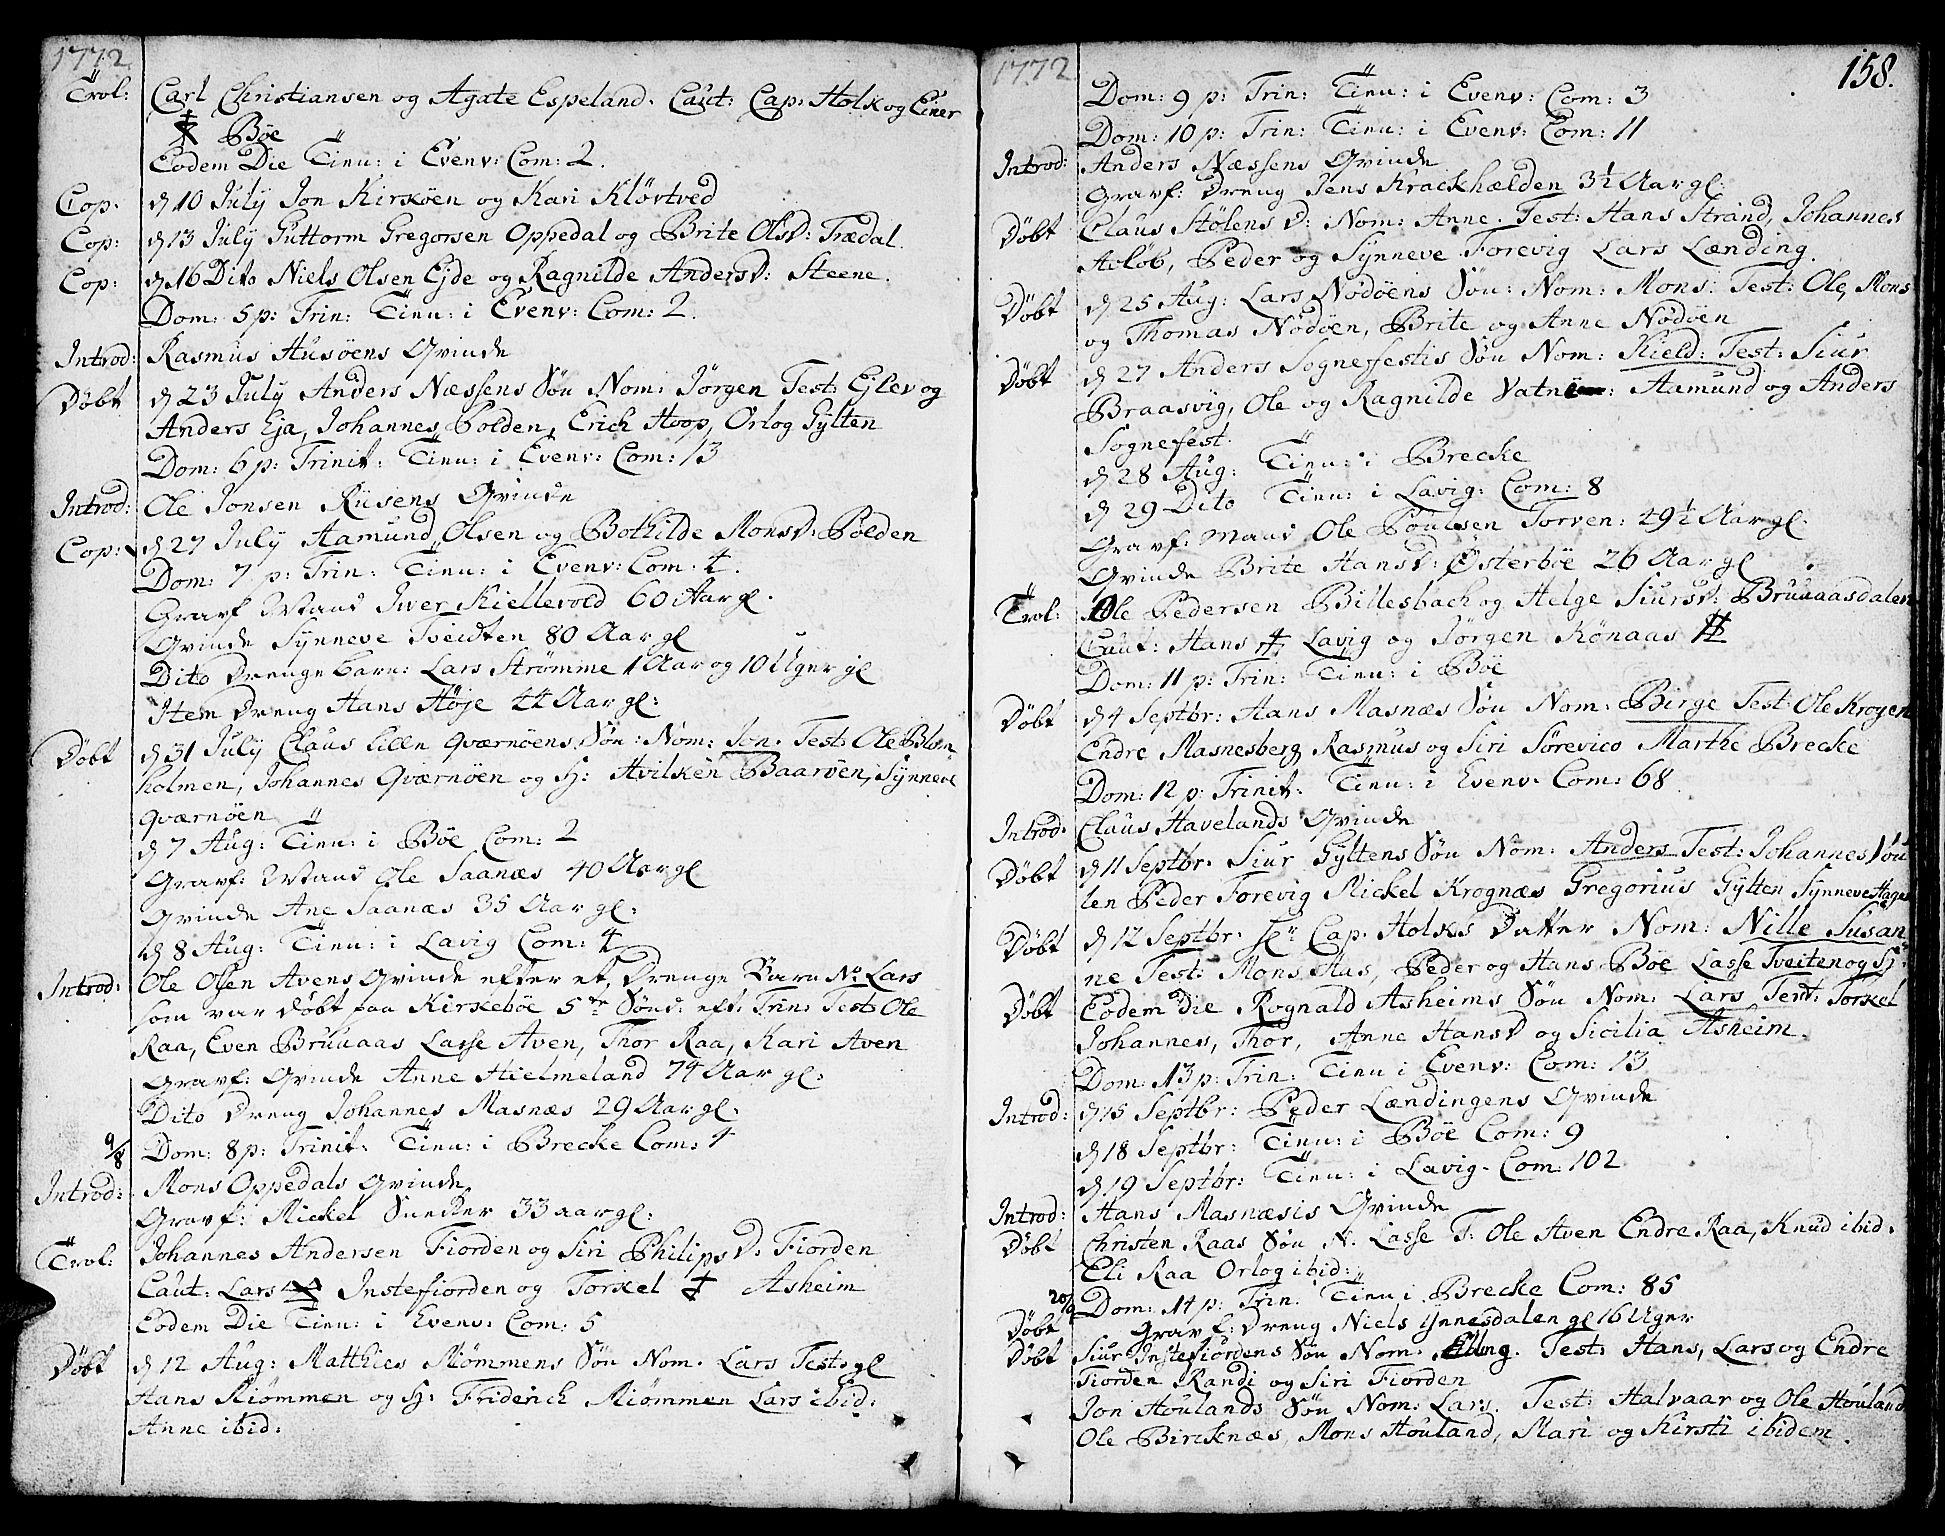 SAB, Gulen sokneprestembete, Ministerialbok nr. A 12, 1749-1776, s. 158